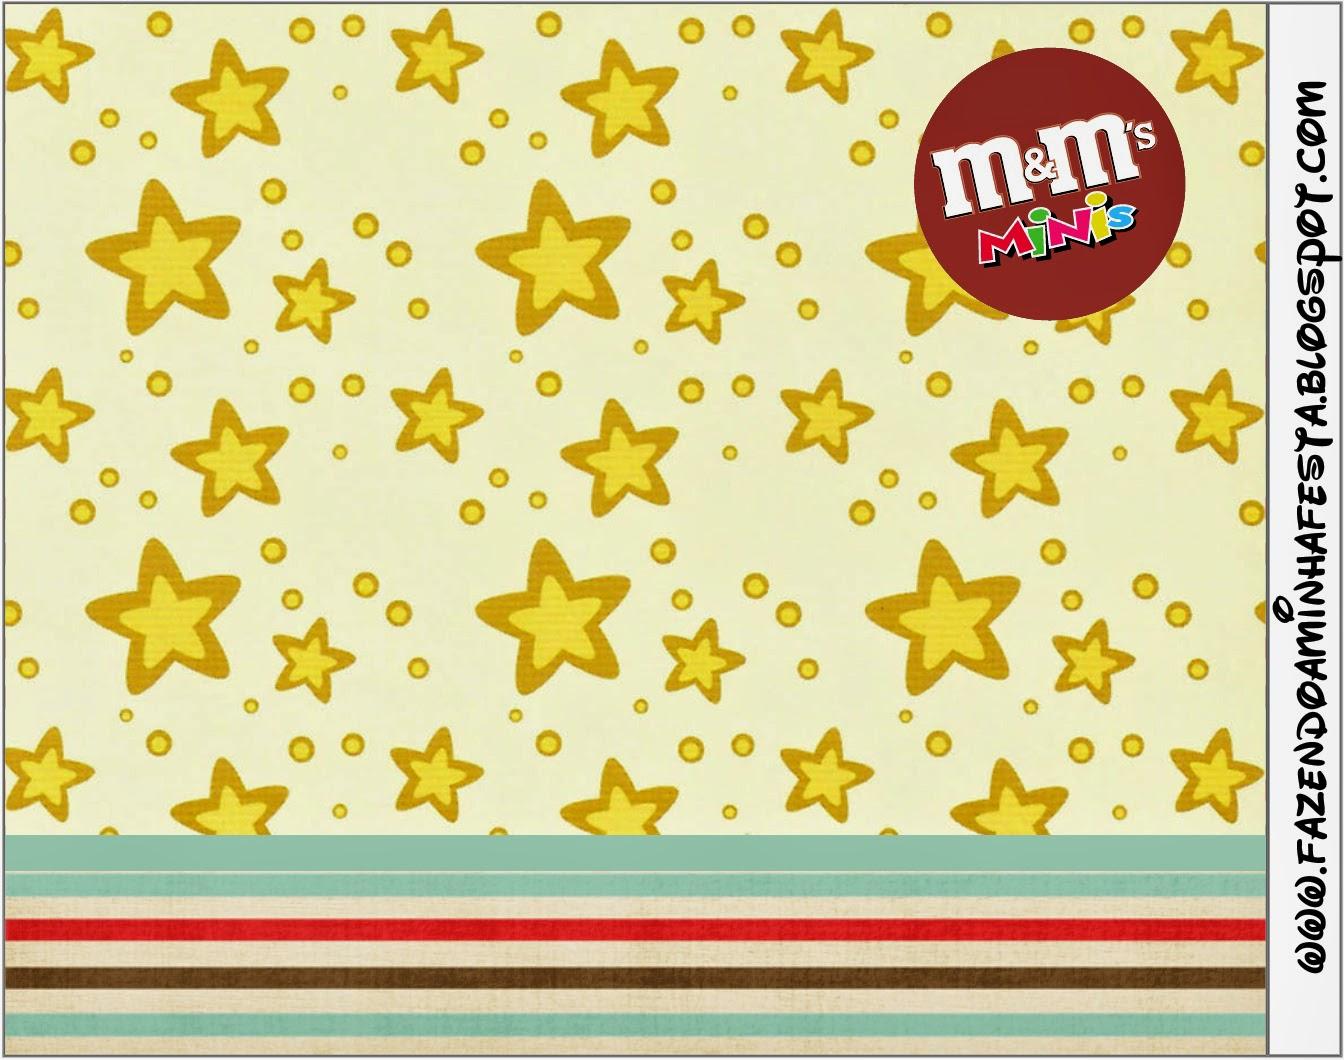 Etiqueta M&M para Imprimir Gratis de Estrellas Doradas y Rayas de Colores.